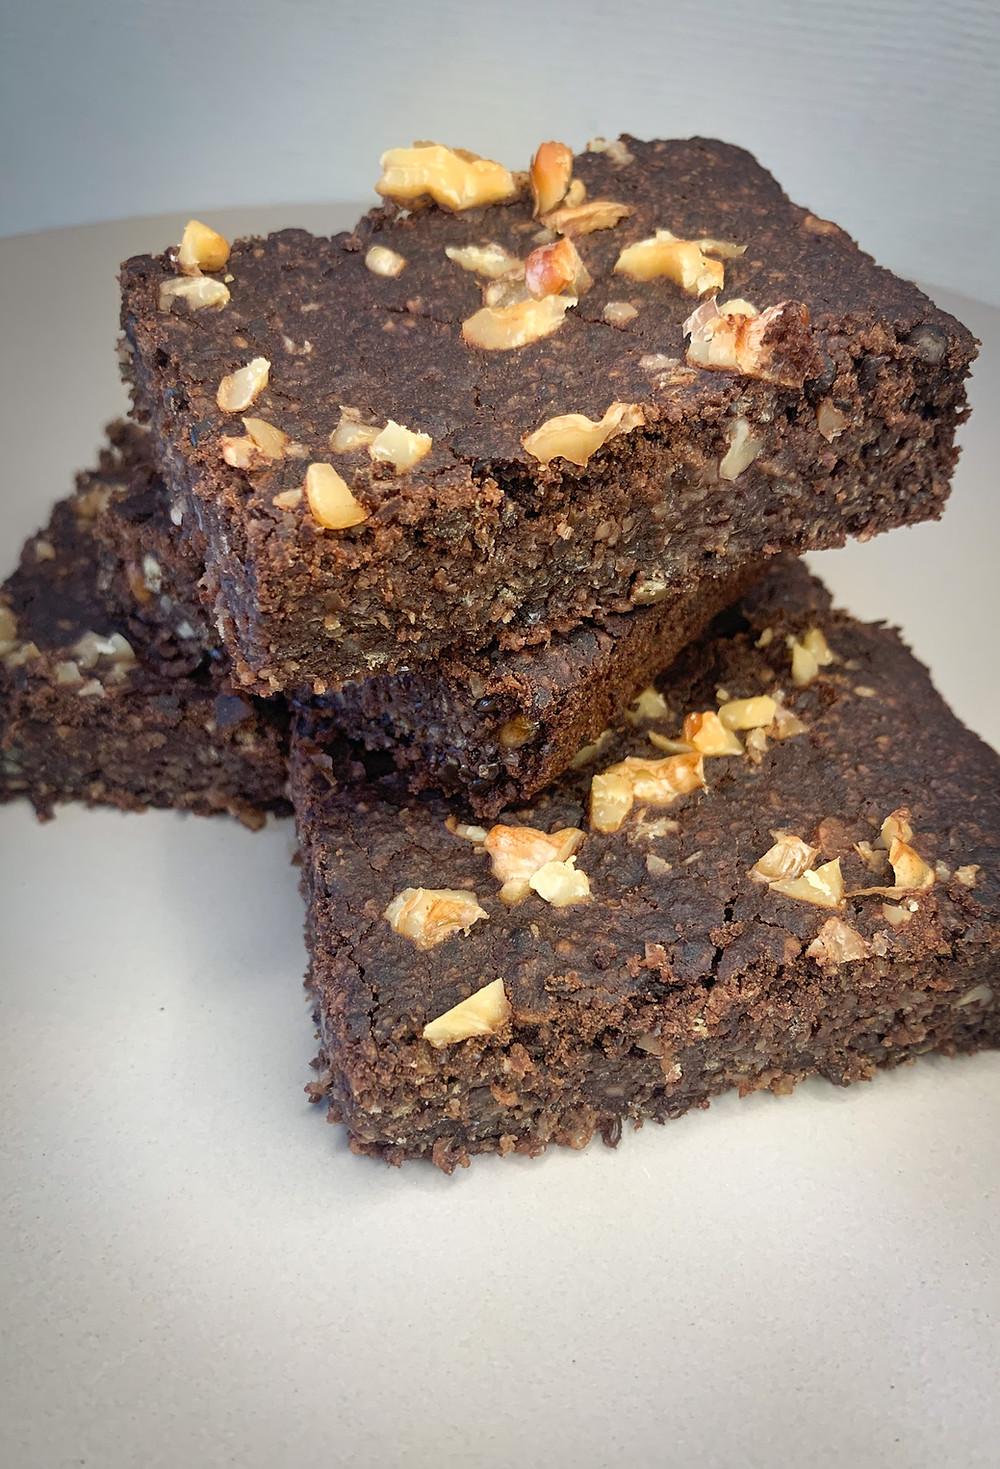 Brownie de legumbres - Nutricionista Online Karina Herrera